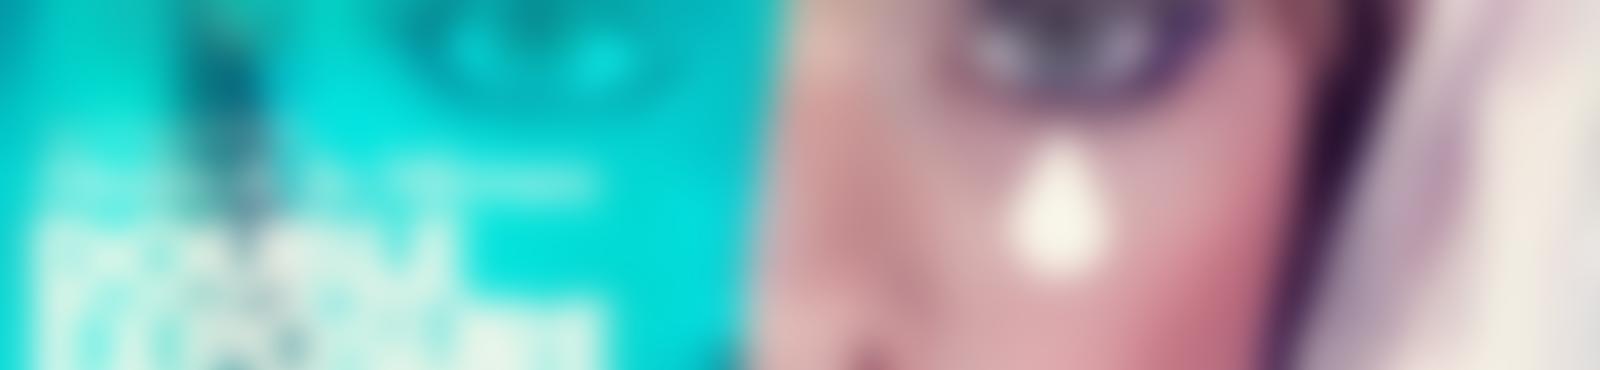 Blurred 73f754f8 28a2 4caa 9b15 0dcfa9c45b1f